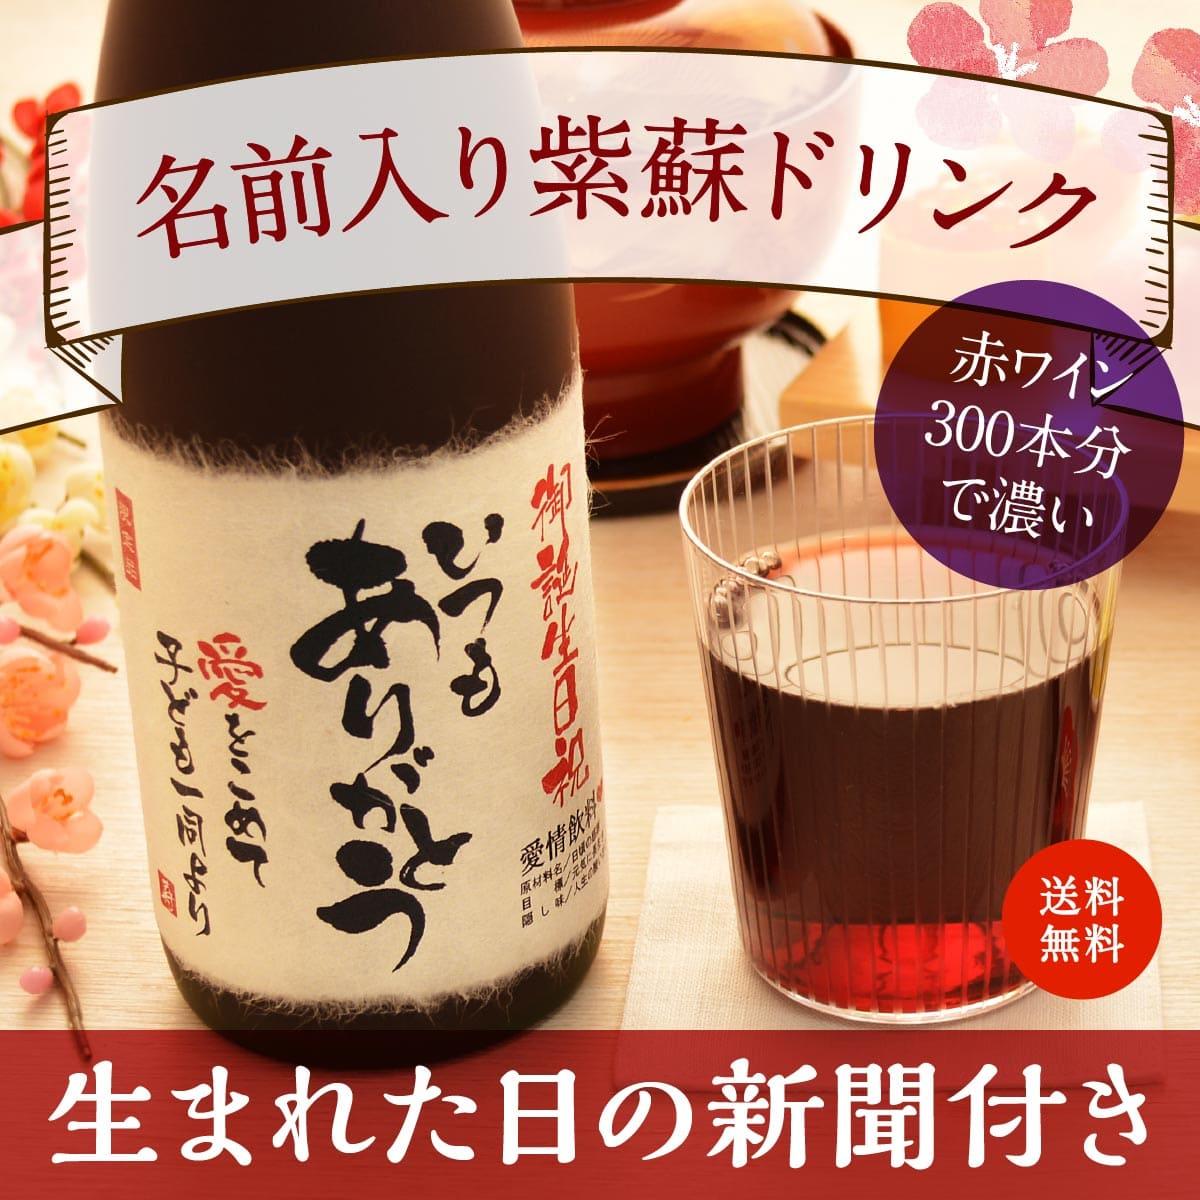 名前入り紫蘇ジュース「紫蘇レスベラ」【送料無料】